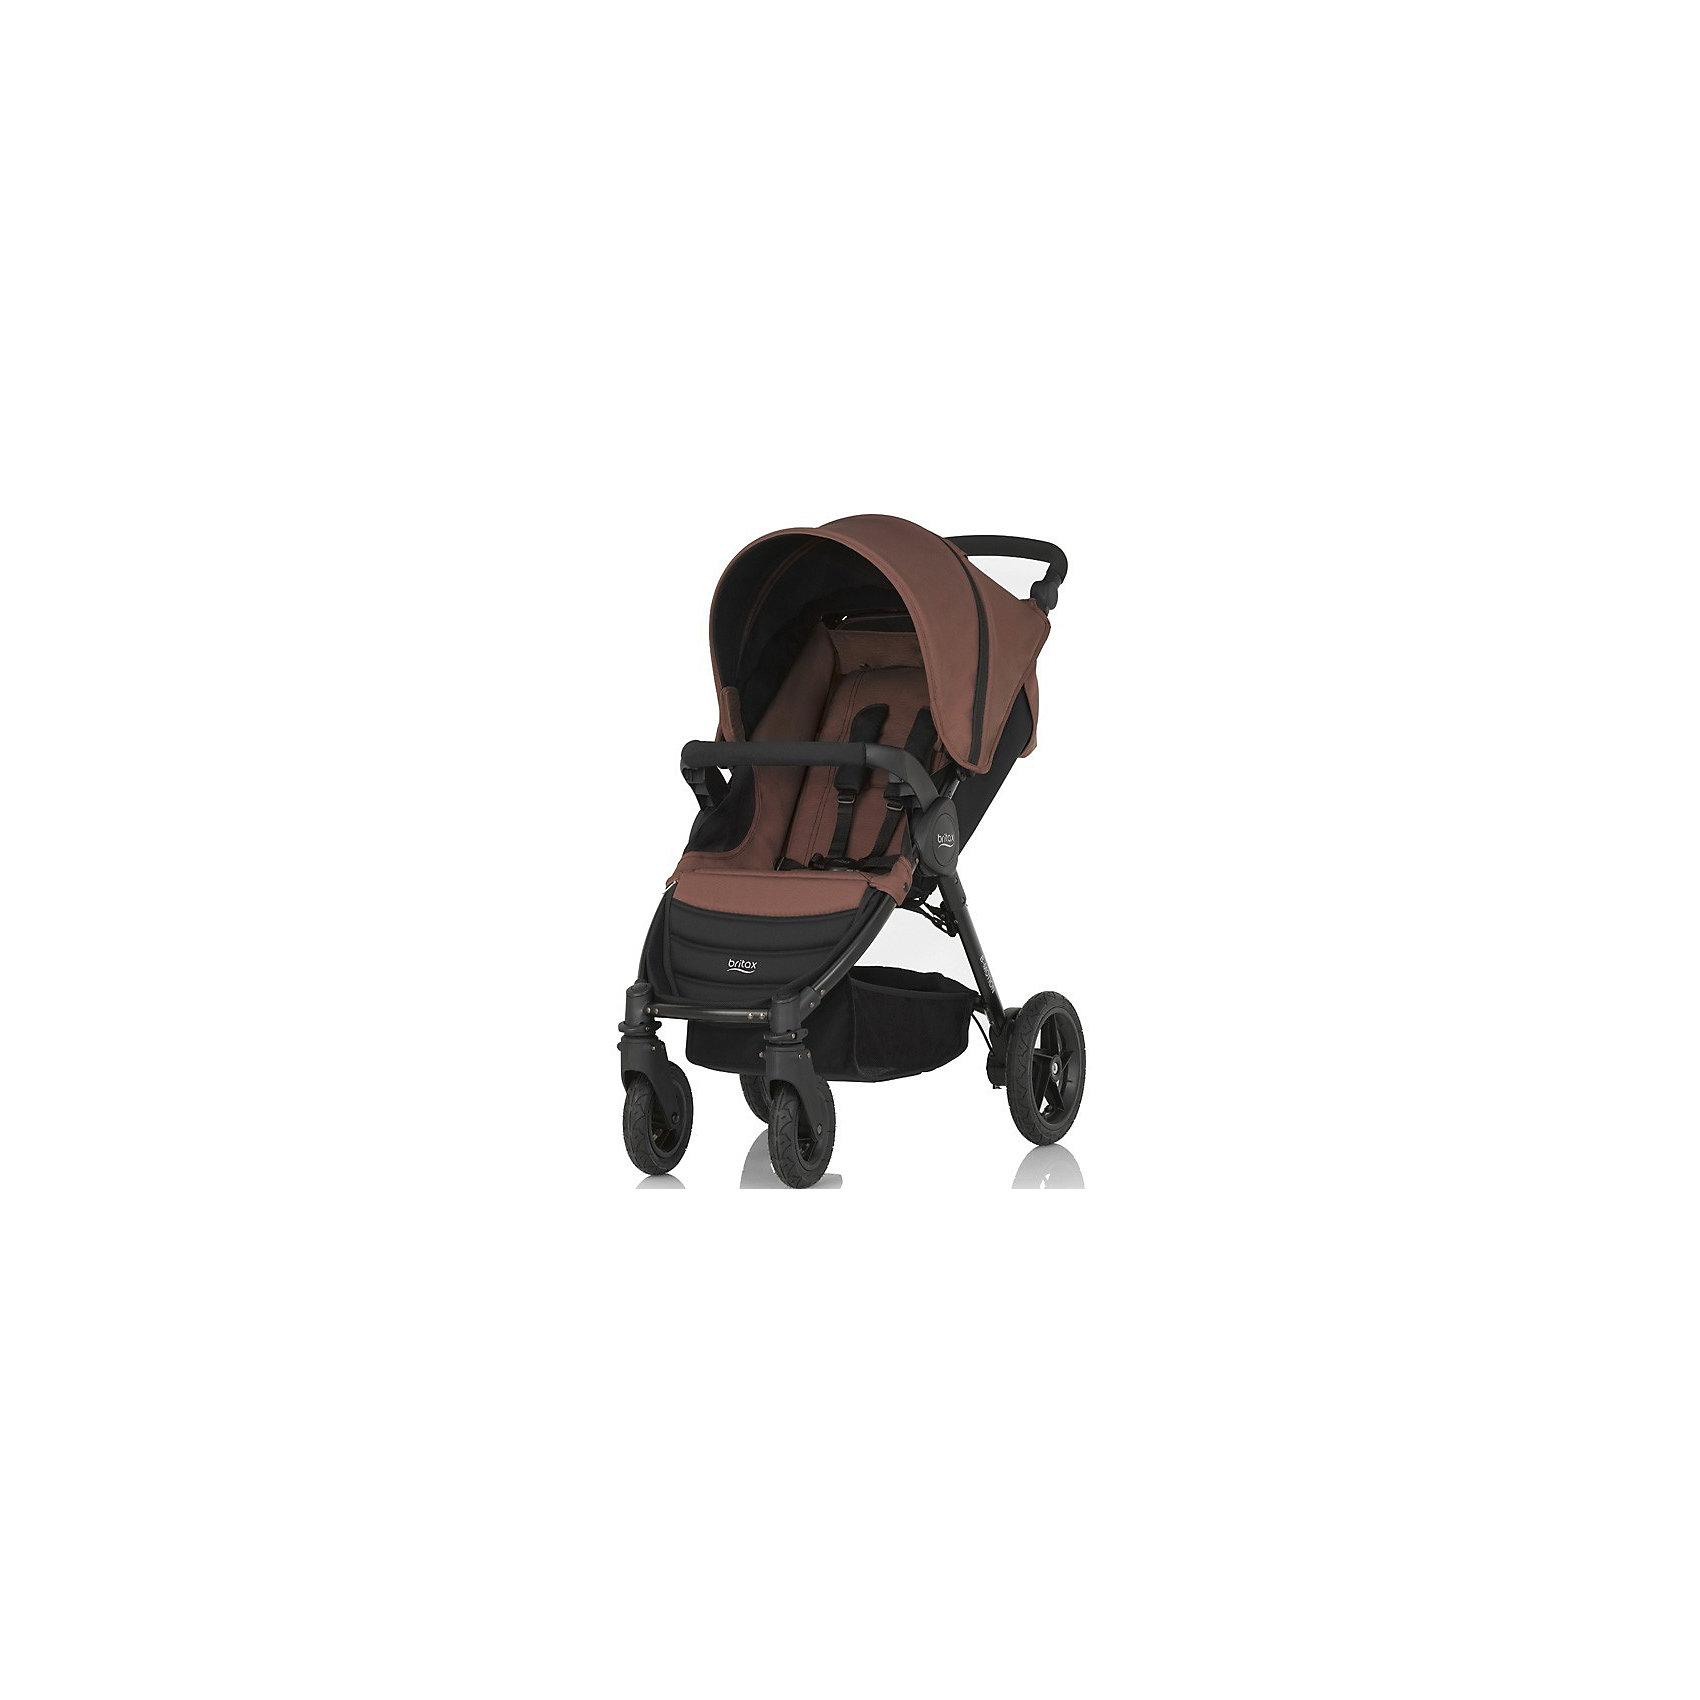 Прогулочная коляска Britax B-Motion 4, Wood BrownПрогулочные коляски<br>Коляска B-Motion 4, Britax - прекрасный вариант для прогулок, путешествий и активного отдыха! Коляска имеет систему амортизации, передние поворотные колеса, небольшую ширину алюминиевой рамы, что гарантирует удобство, манёвренность и проходимость. Модель легко складывается одной рукой, имеет ножной тормоз и автоматическую блокировку складывания. Удобное сиденье эргономичной формы, подножка и регулируемая спинка обеспечат малышу спокойный и комфортный отдых, а пятиточечные страховочные ремни с мягкими накладками и съемный бампер  гарантируют безопасность. Благодаря встроенным переходникам Click&amp;Go на шасси коляски можно легко и быстро установить люльку или детское автокресло Baby-Safe, Baby-Safe Sleeper.<br><br>Дополнительная информация:<br><br>- Материал: алюминий, пластик, резина, текстиль.<br>- Тип складывания: книжка.<br>- Размер: 105?58?100  см.<br>- Размер в сложенном виде: 27х58х70 см<br>- Размер сиденья: 24х29 см. <br>- Ширина шасси: 58 см.<br>- Ширина сиденья: 35 см. <br>- Вес: 10,5 кг.<br>- Диаметр колес: заднее - 22,5 см;  переднее - 13,5 см.<br>- Регулируемая высота ручки. <br>- Передние поворотные колеса с фиксацией.<br>- Возможность установки на шасси коляски люльки или автокресла группы 0+.<br>- Ножной тормоз.<br>- Регулируемый наклон спинки (до положения лежа).<br>- Пятиточечные ремни безопасности.<br>- Регулируемая подножка.<br>- Съемный бампер. <br>- Корзина для вещей.<br>- Максимальная нагрузка: 20 кг .<br><br>Прогулочную коляску B-Motion 4, Britax (Бритакс), Wood Brown, можно купить в нашем магазине.<br><br>Ширина мм: 700<br>Глубина мм: 380<br>Высота мм: 270<br>Вес г: 10500<br>Возраст от месяцев: 0<br>Возраст до месяцев: 48<br>Пол: Унисекс<br>Возраст: Детский<br>SKU: 4722159